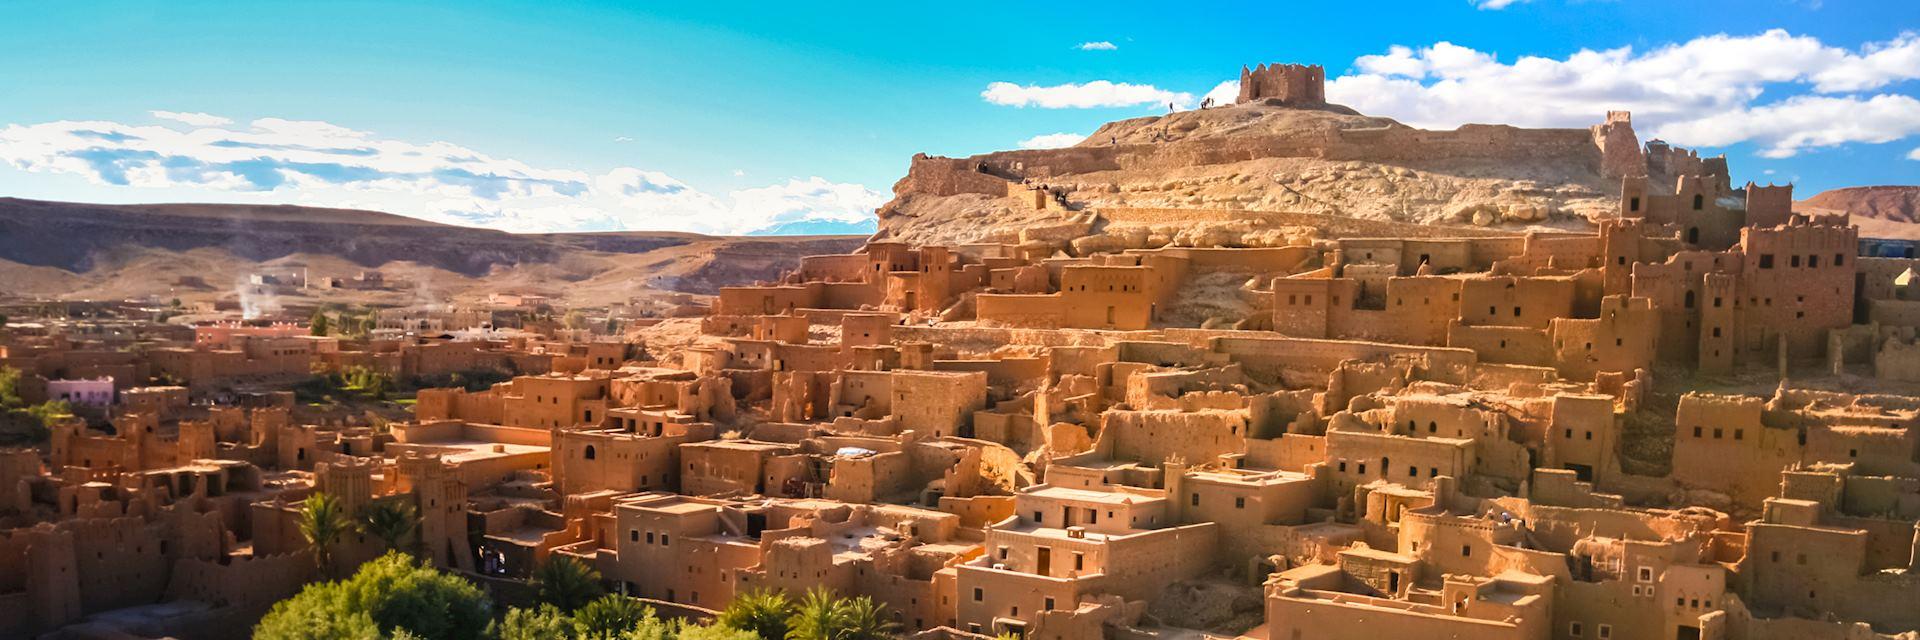 Aït Benhaddou, Ouarzazate